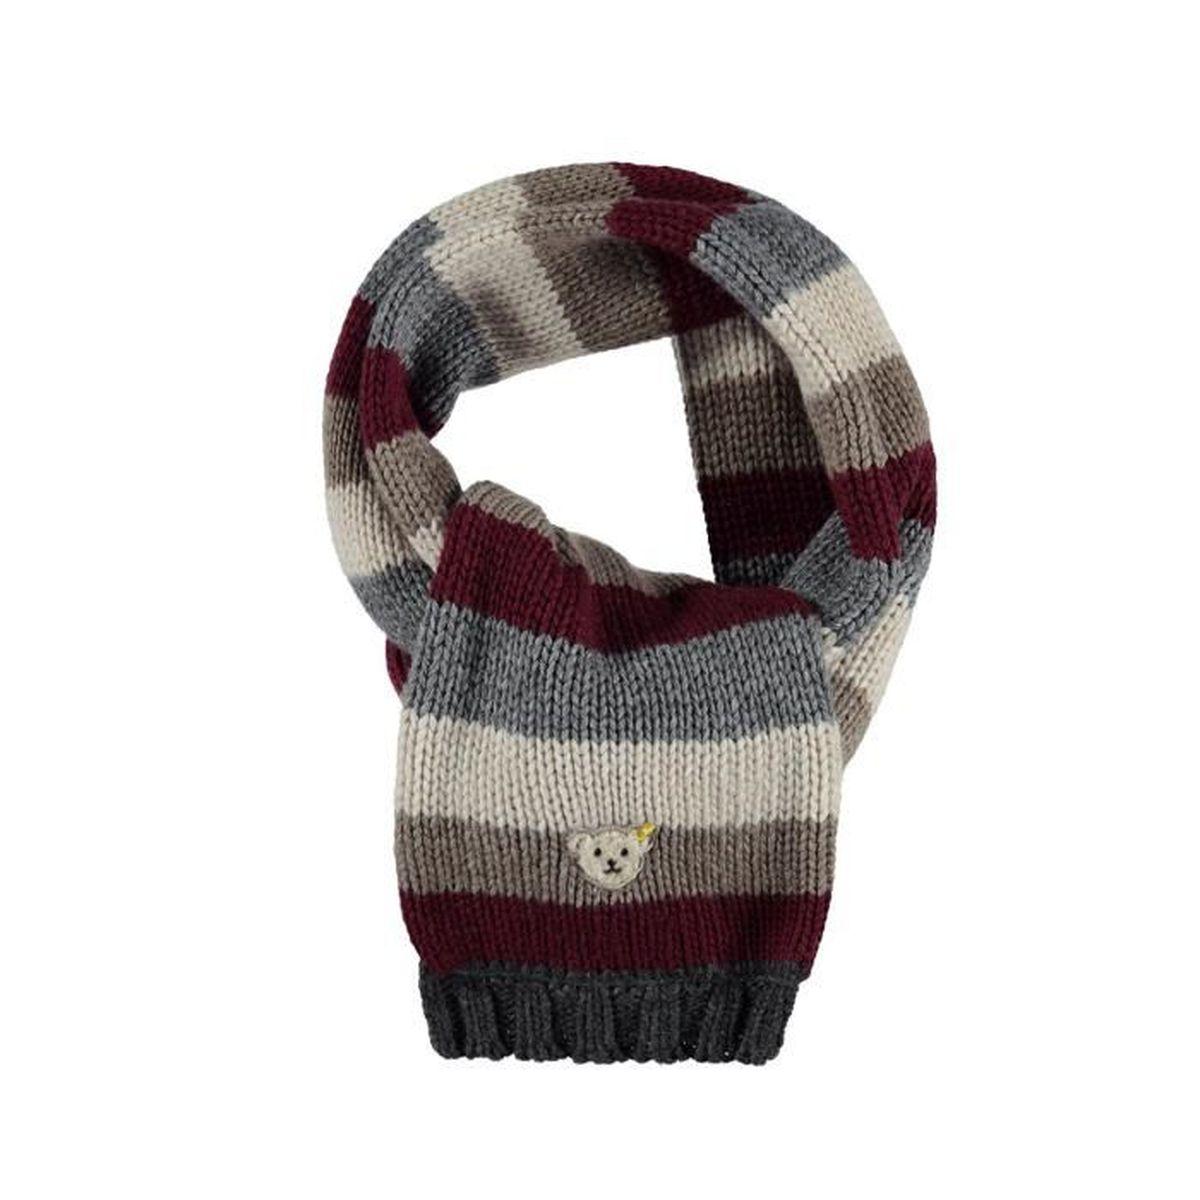 62e805cd28f8 Echarpe pour enfant Redwood Country 100% coton (rouge, gris, blanc ...